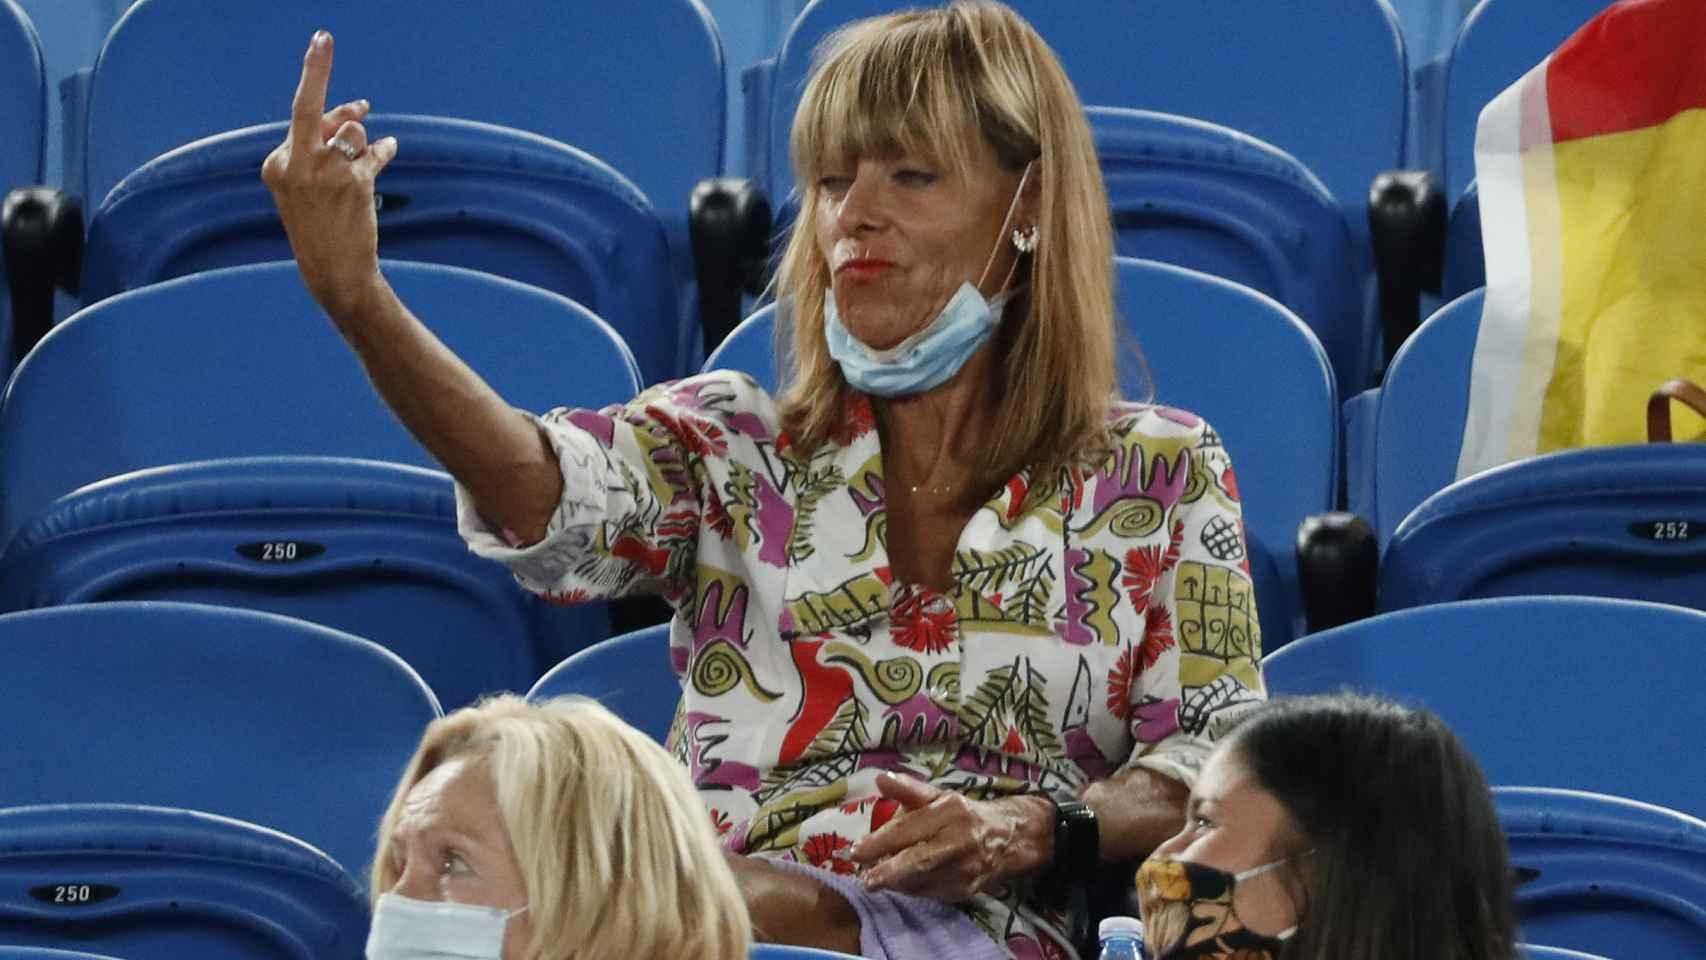 Una mujer dedica una peineta a Rafa Nadal durante el Open de Australia